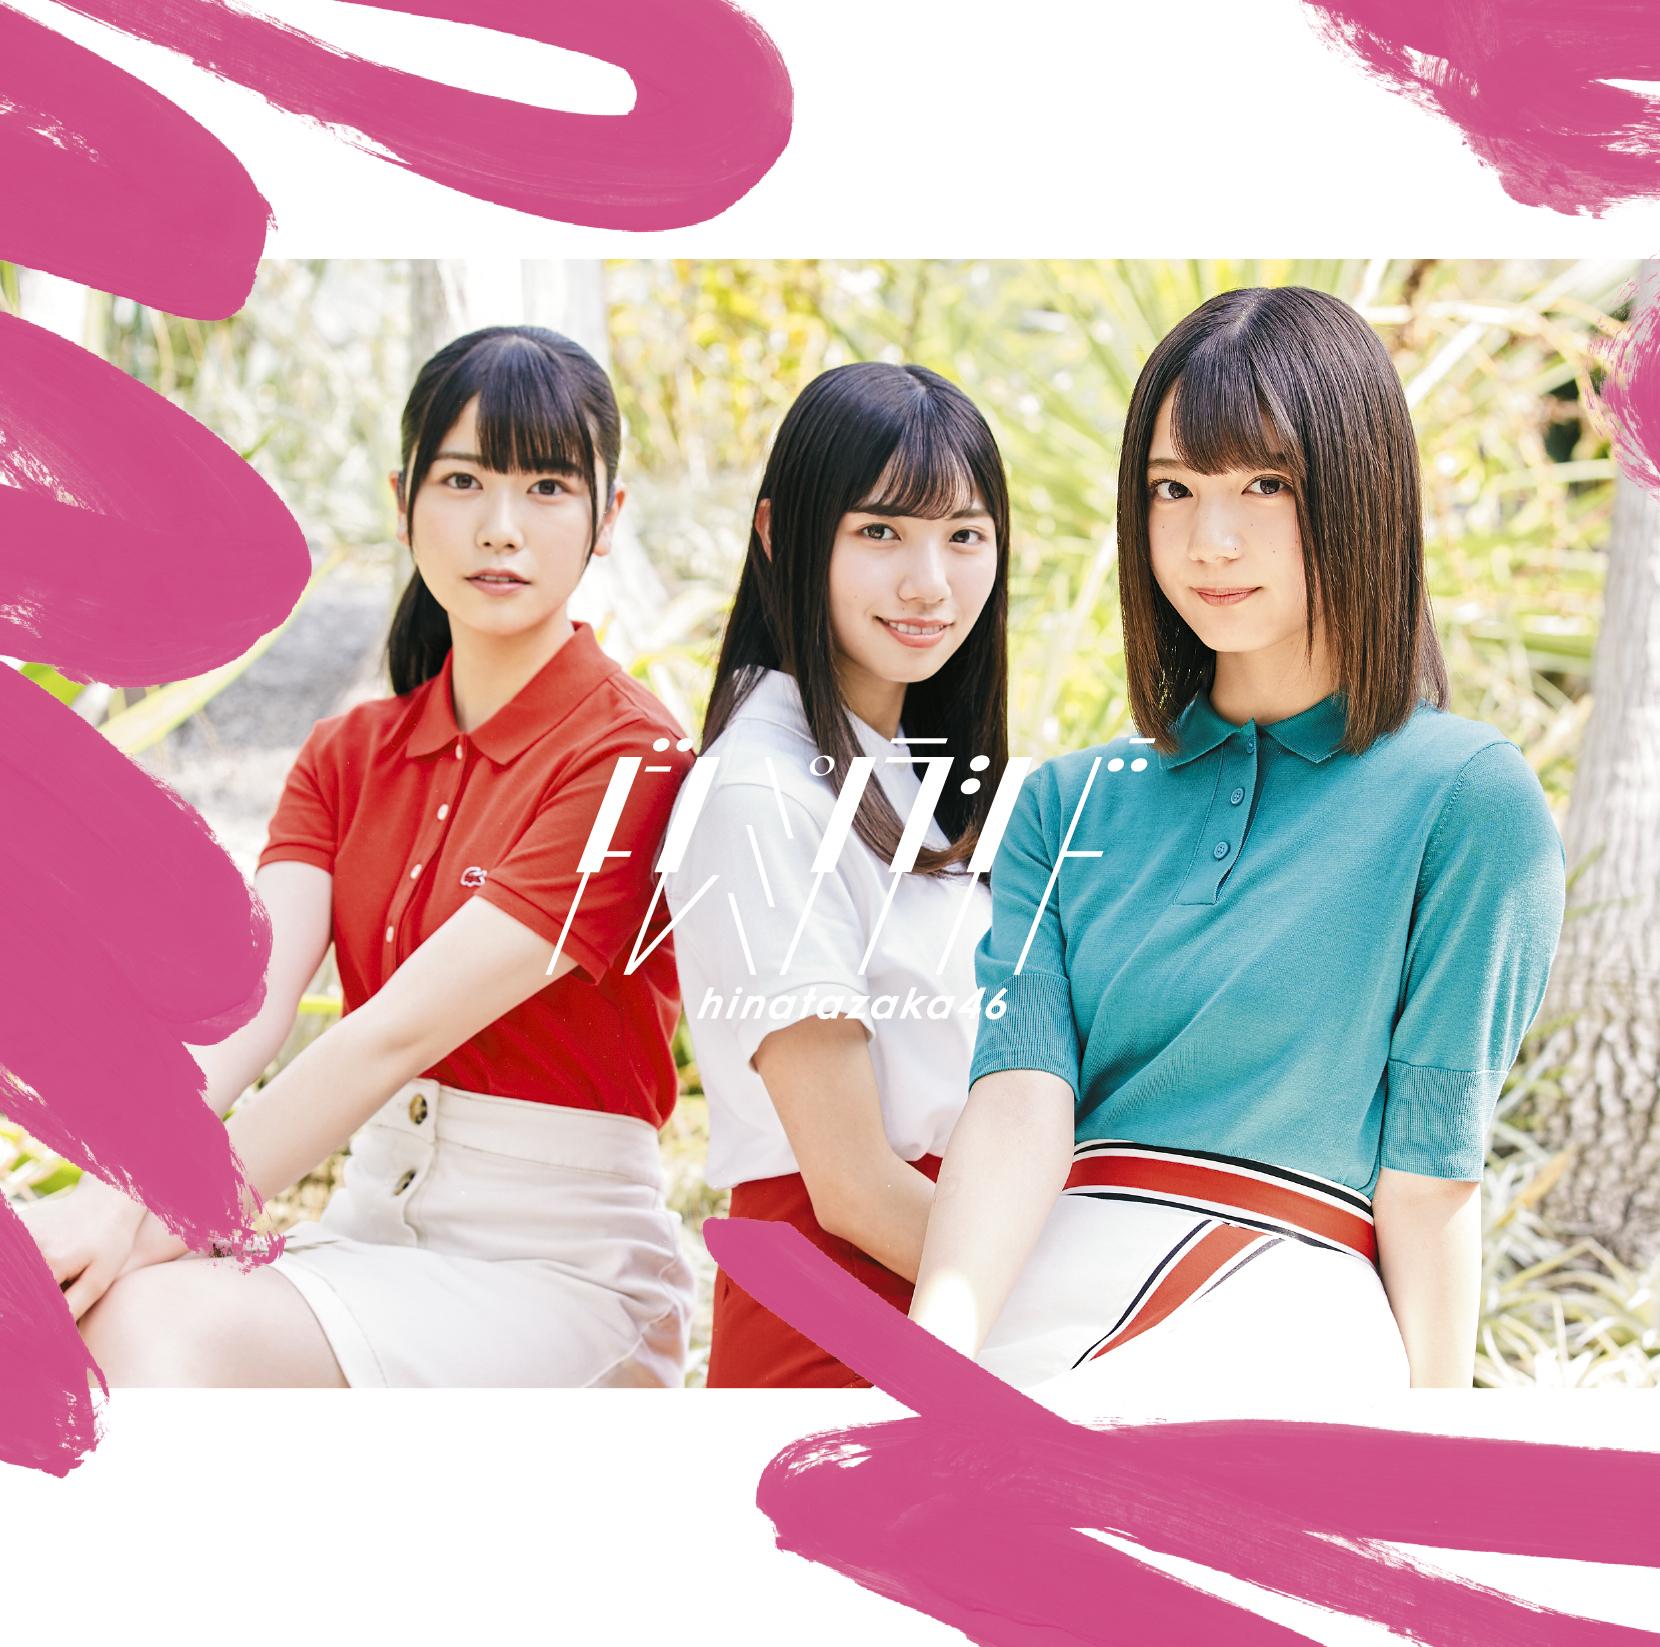 日向坂46 (ひなたざかフォーティーシックス) 2ndシングル『ドレミソラシド』(初回限定仕様盤 Type-A) 高画質CDジャケット画像 ジャケ写